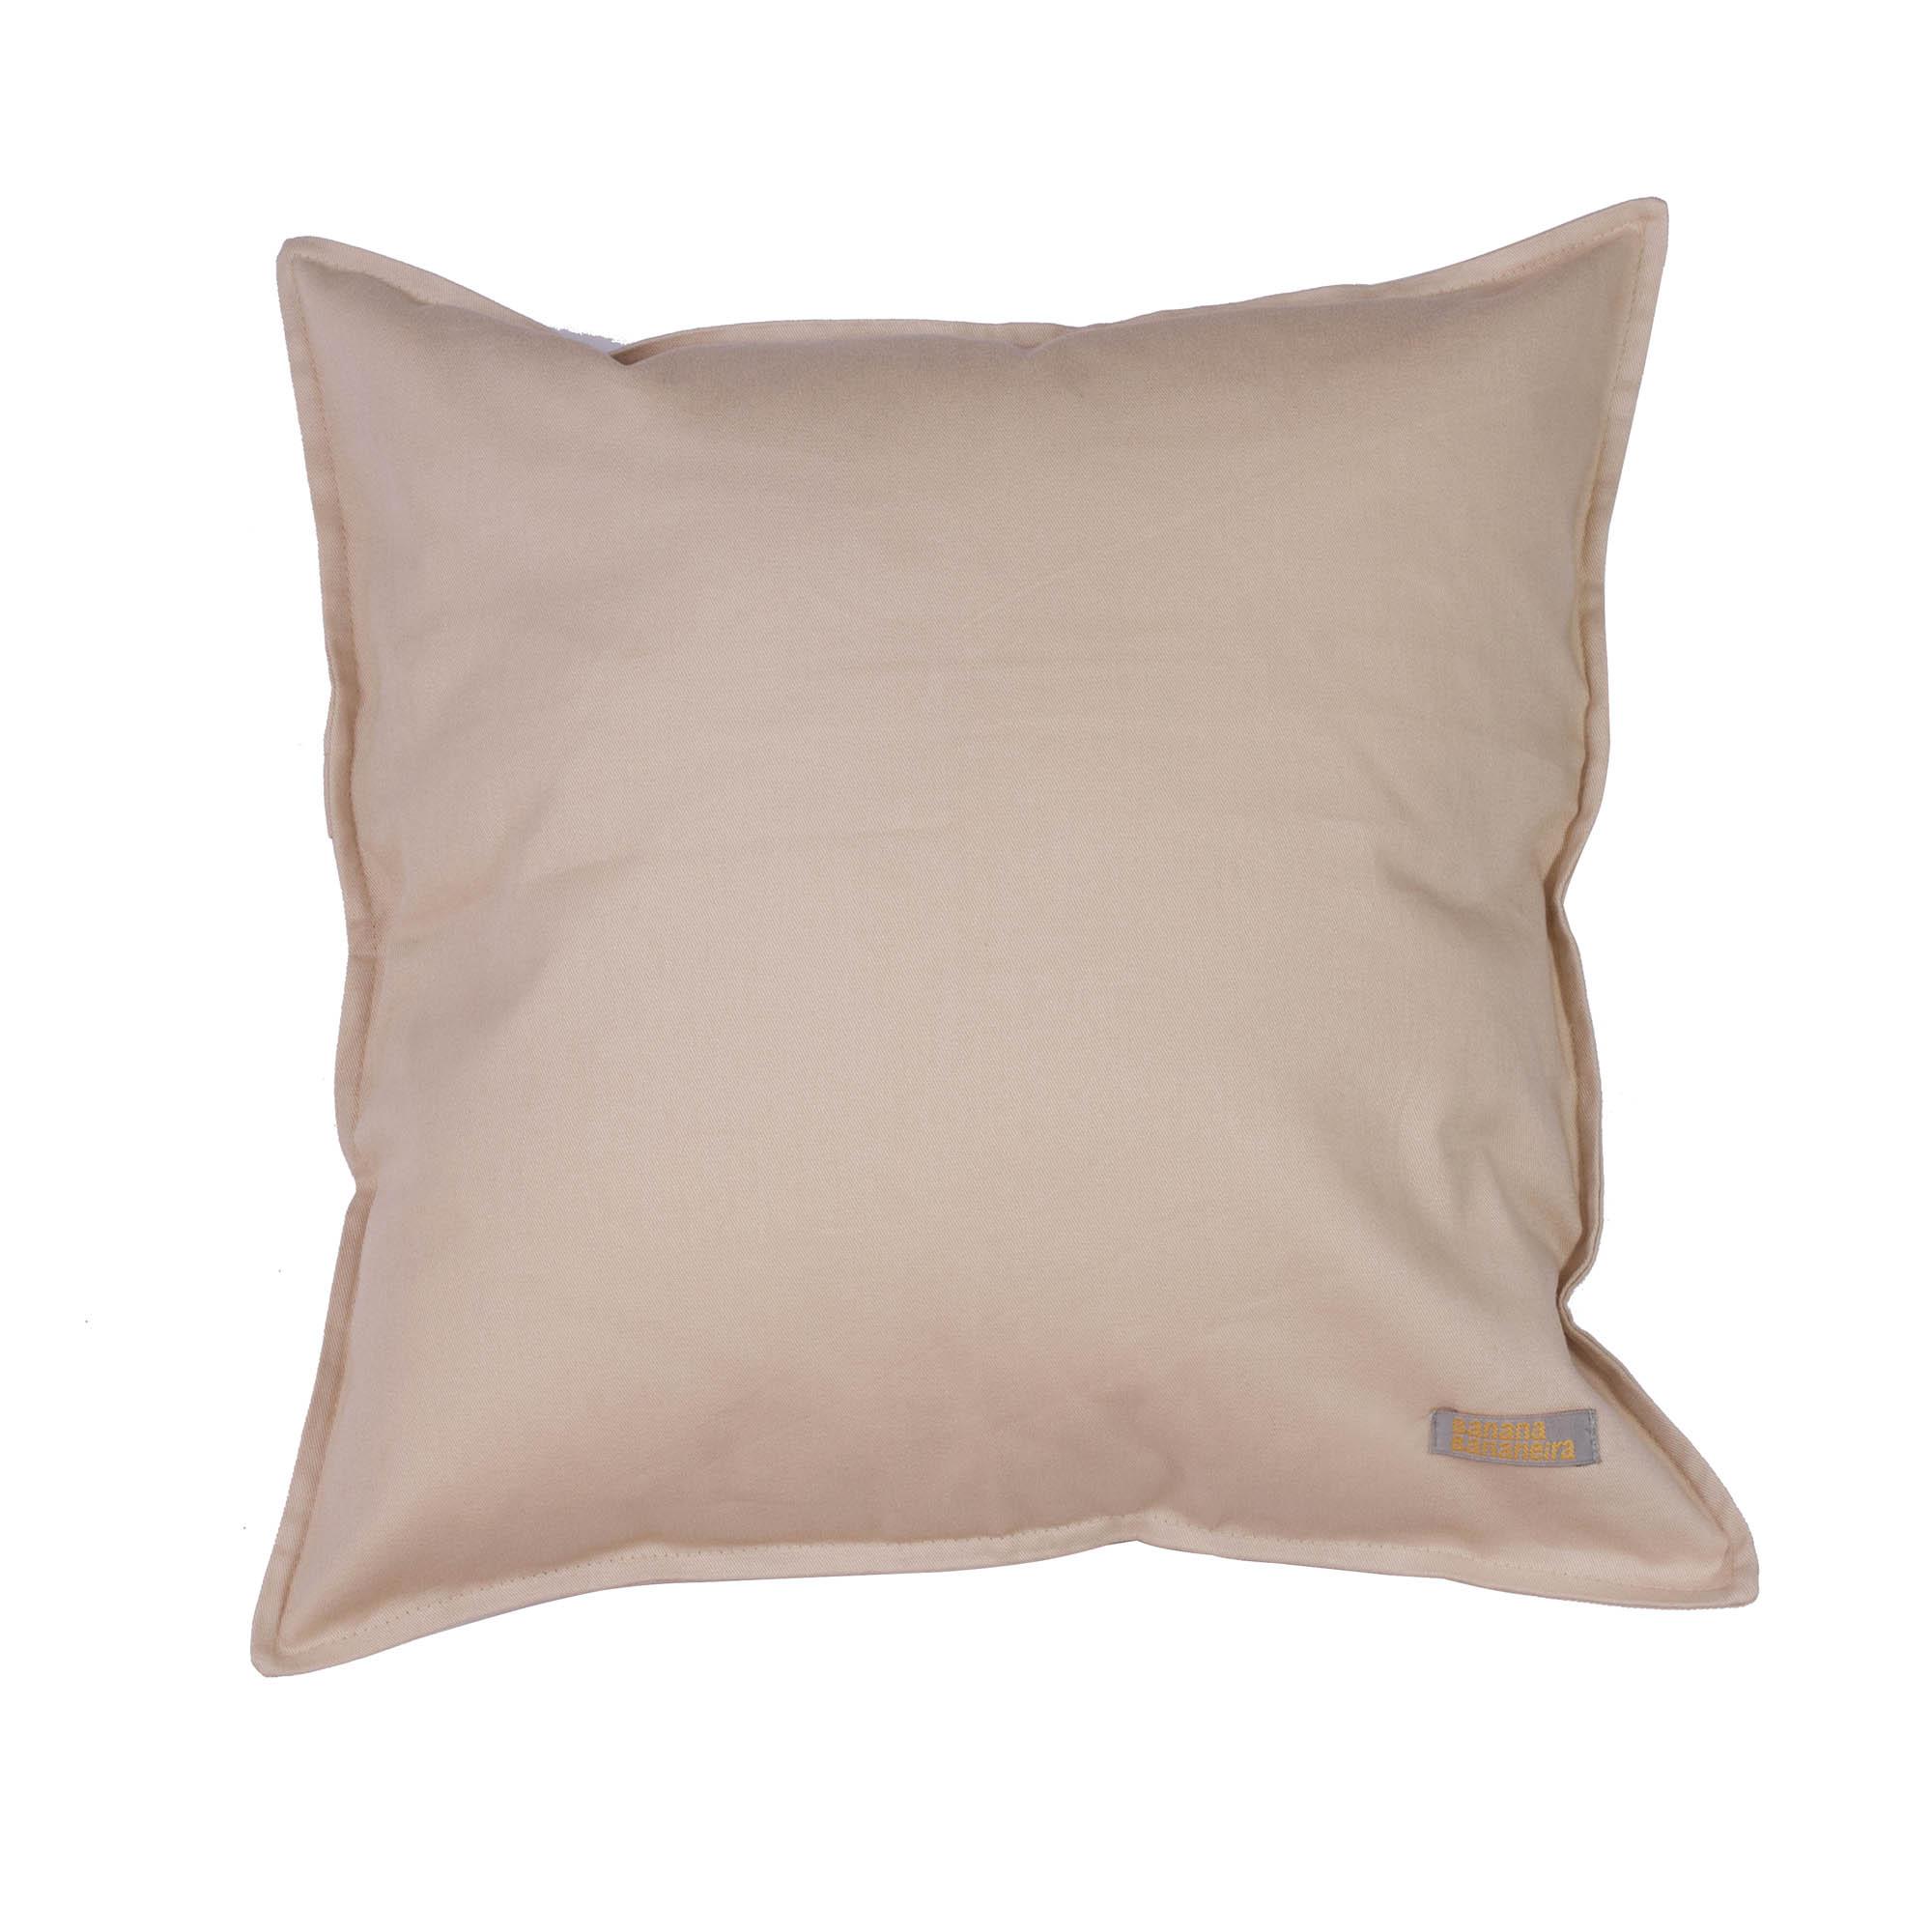 Capa de almofada em pesponto 45 cm x 45 cm areia